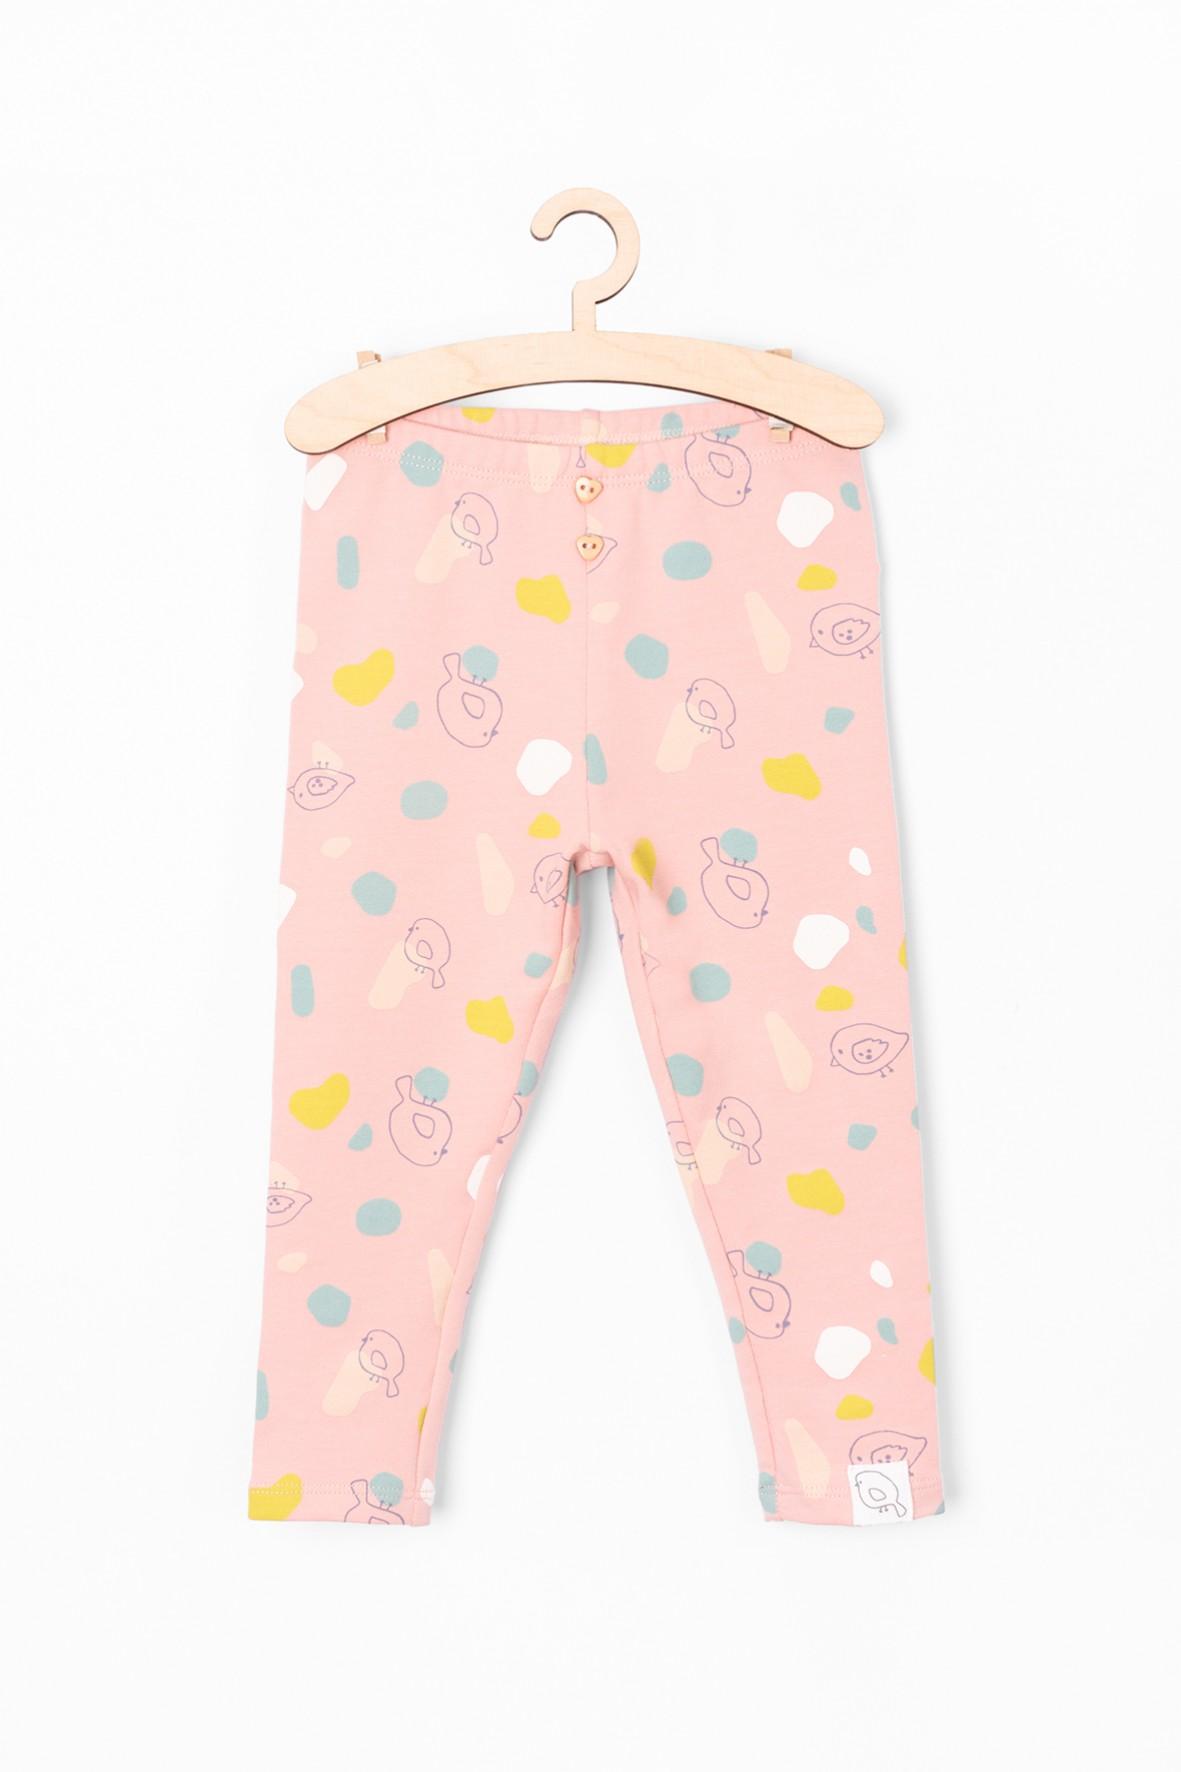 Leginsy niemowlęce we wzorki - różowe